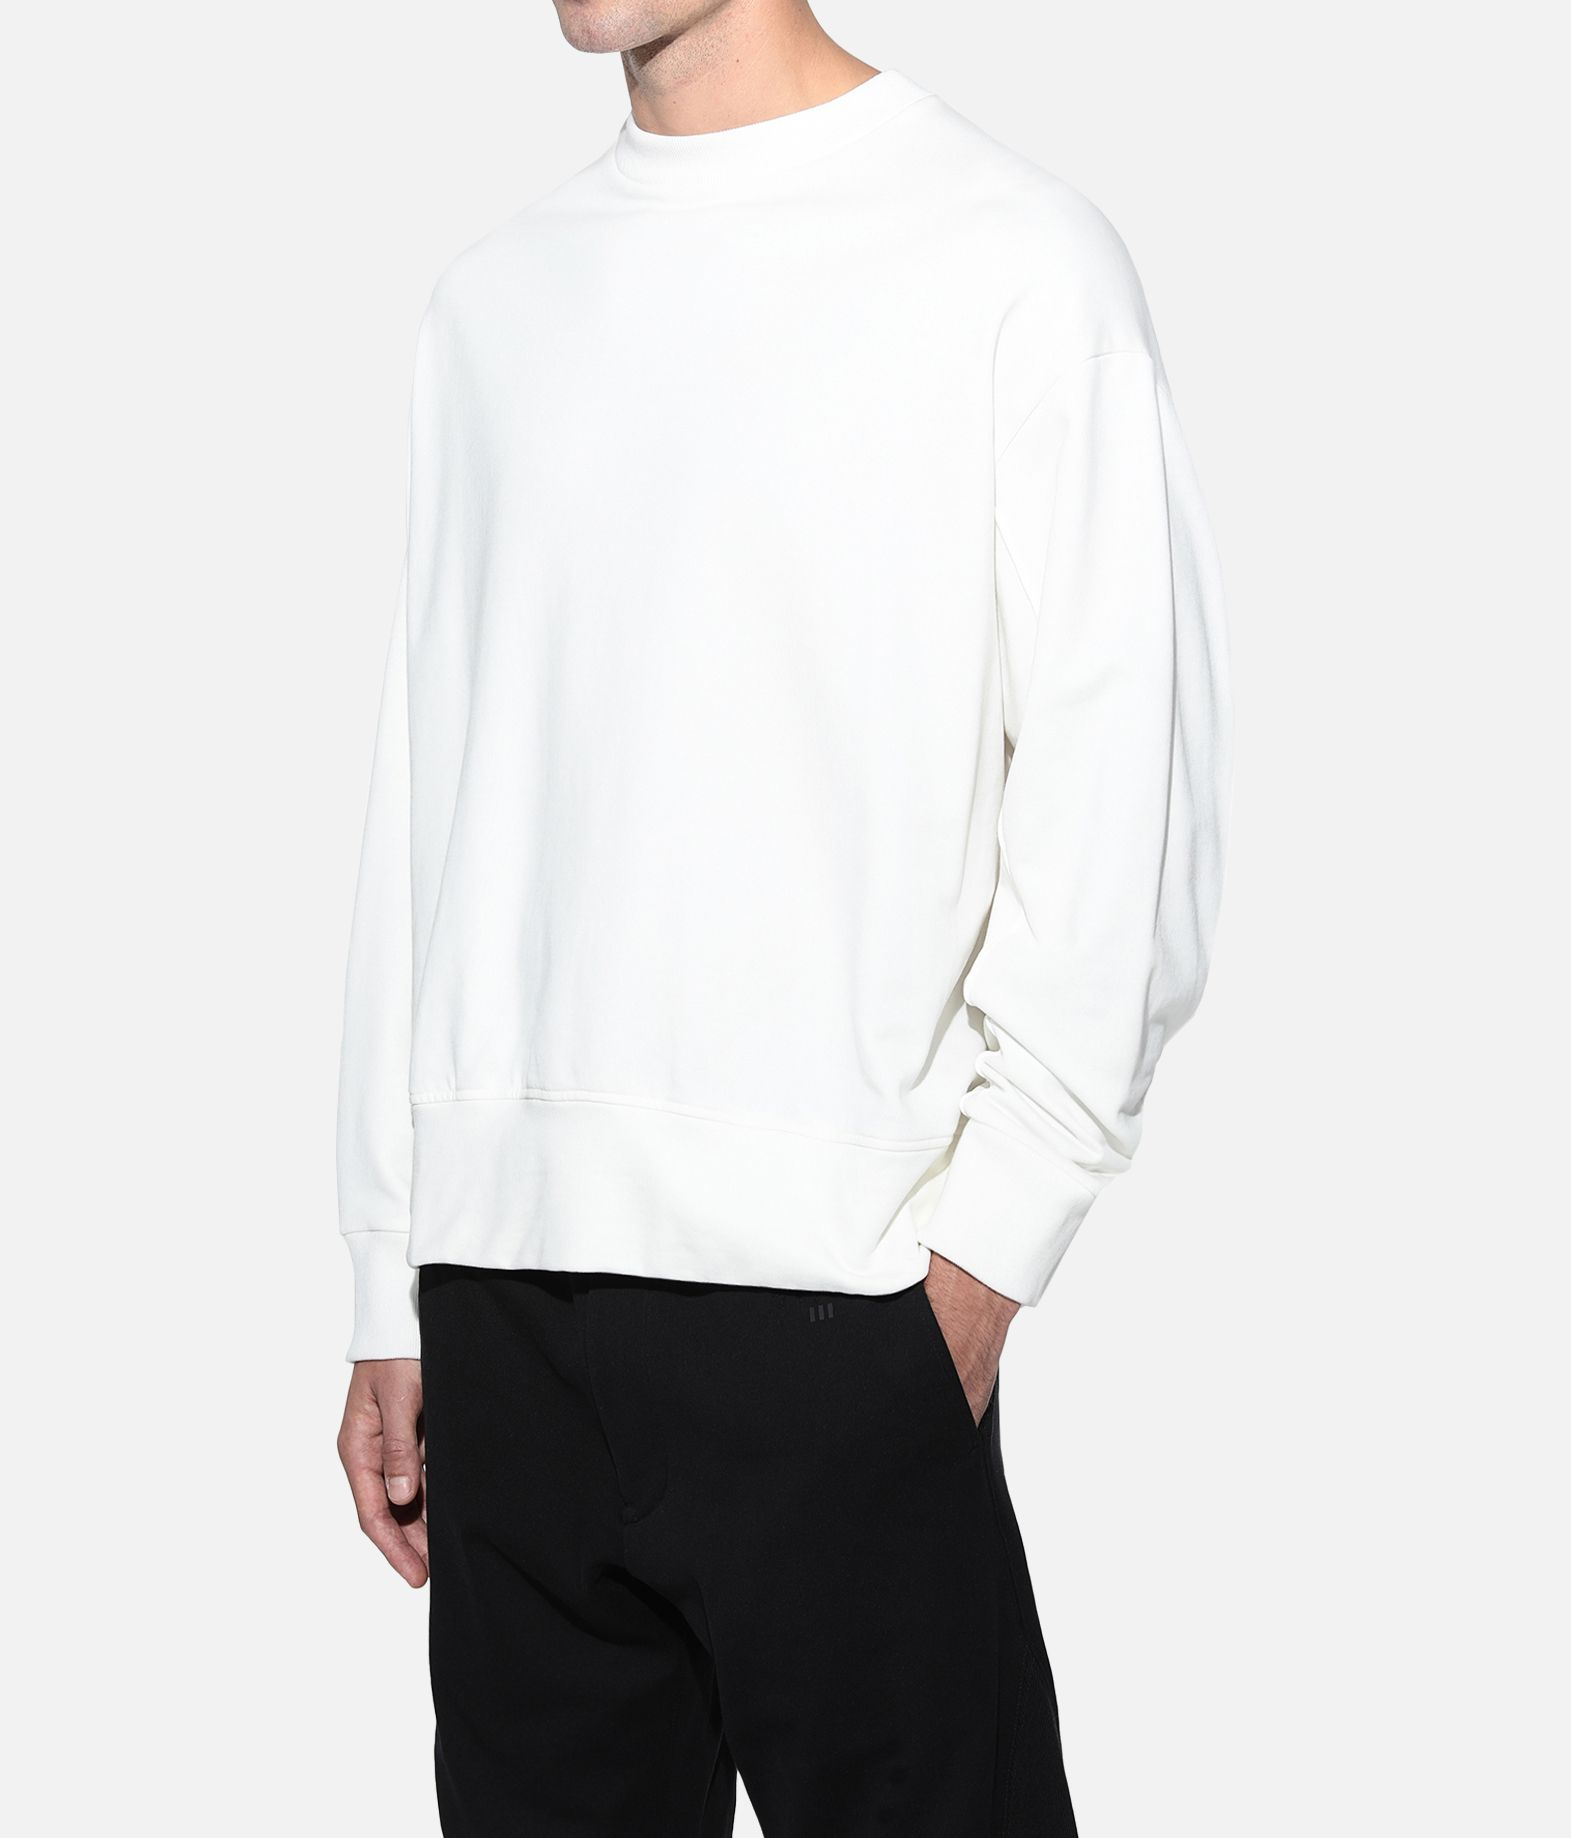 Y-3 Y-3 Signature Graphic Sweatshirt Felpa Uomo e